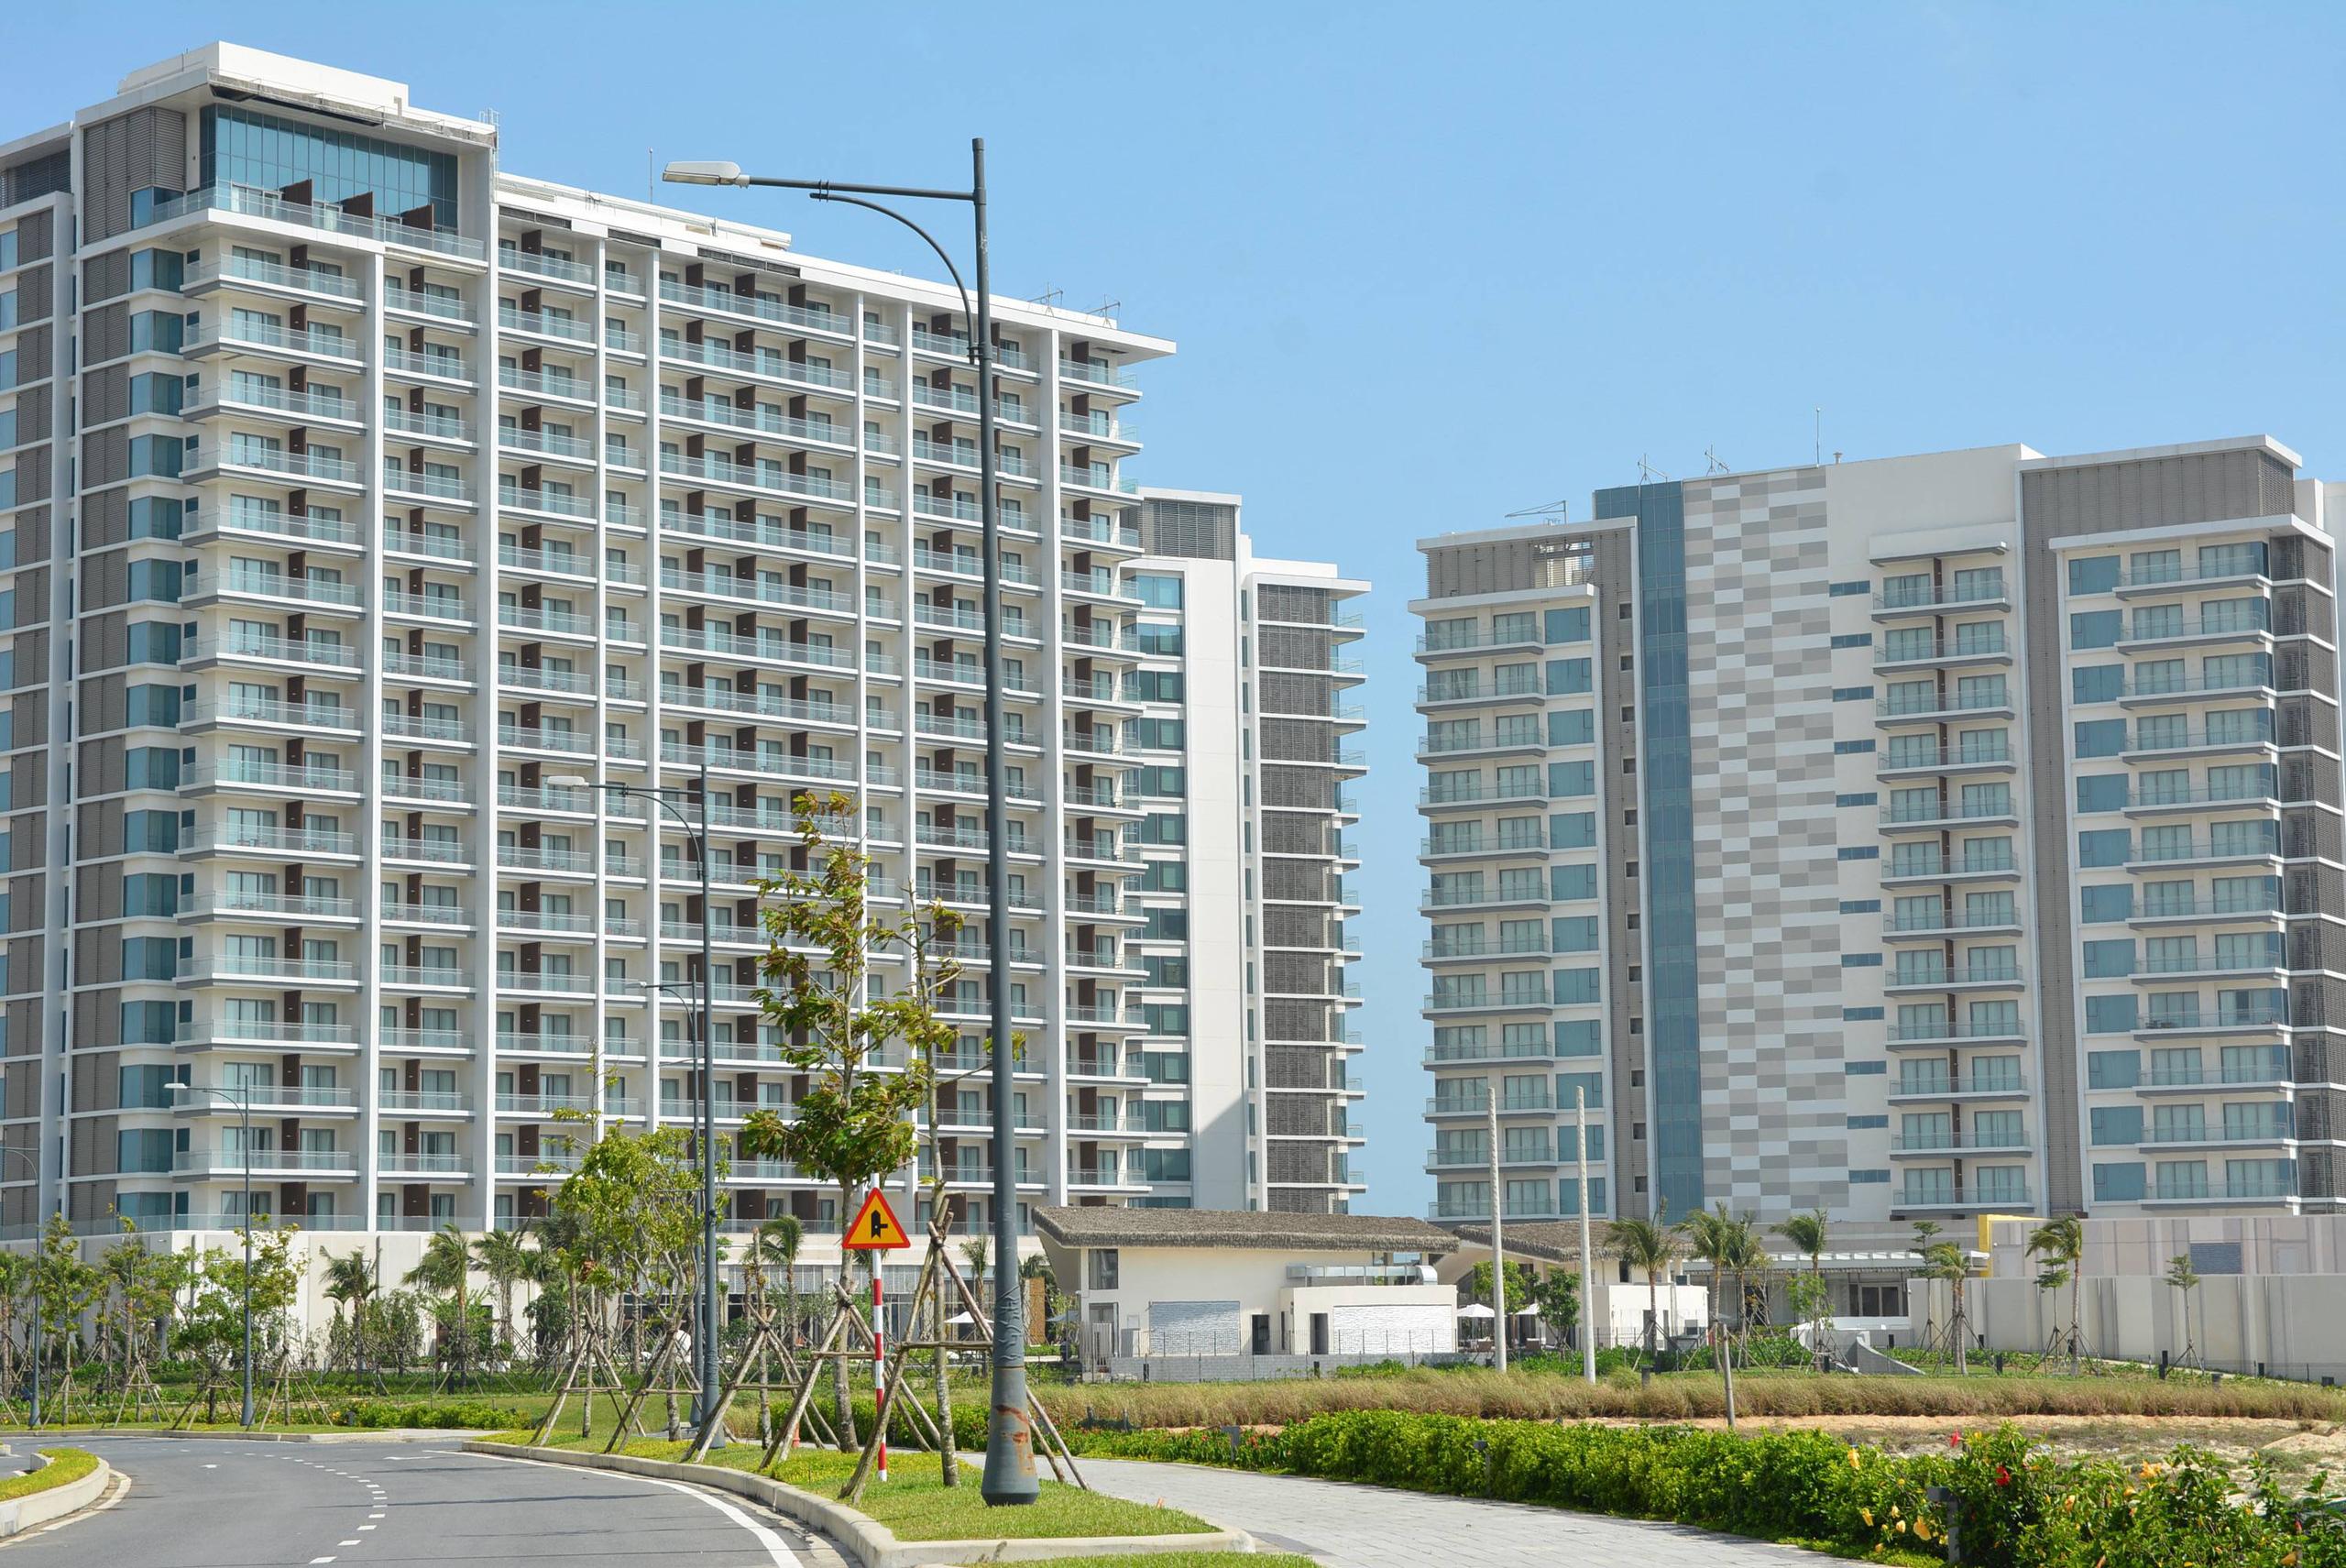 Cận cảnh dự án khu du lịch 4 tỷ USD có casino lớn nhất Quảng Nam - Ảnh 15.